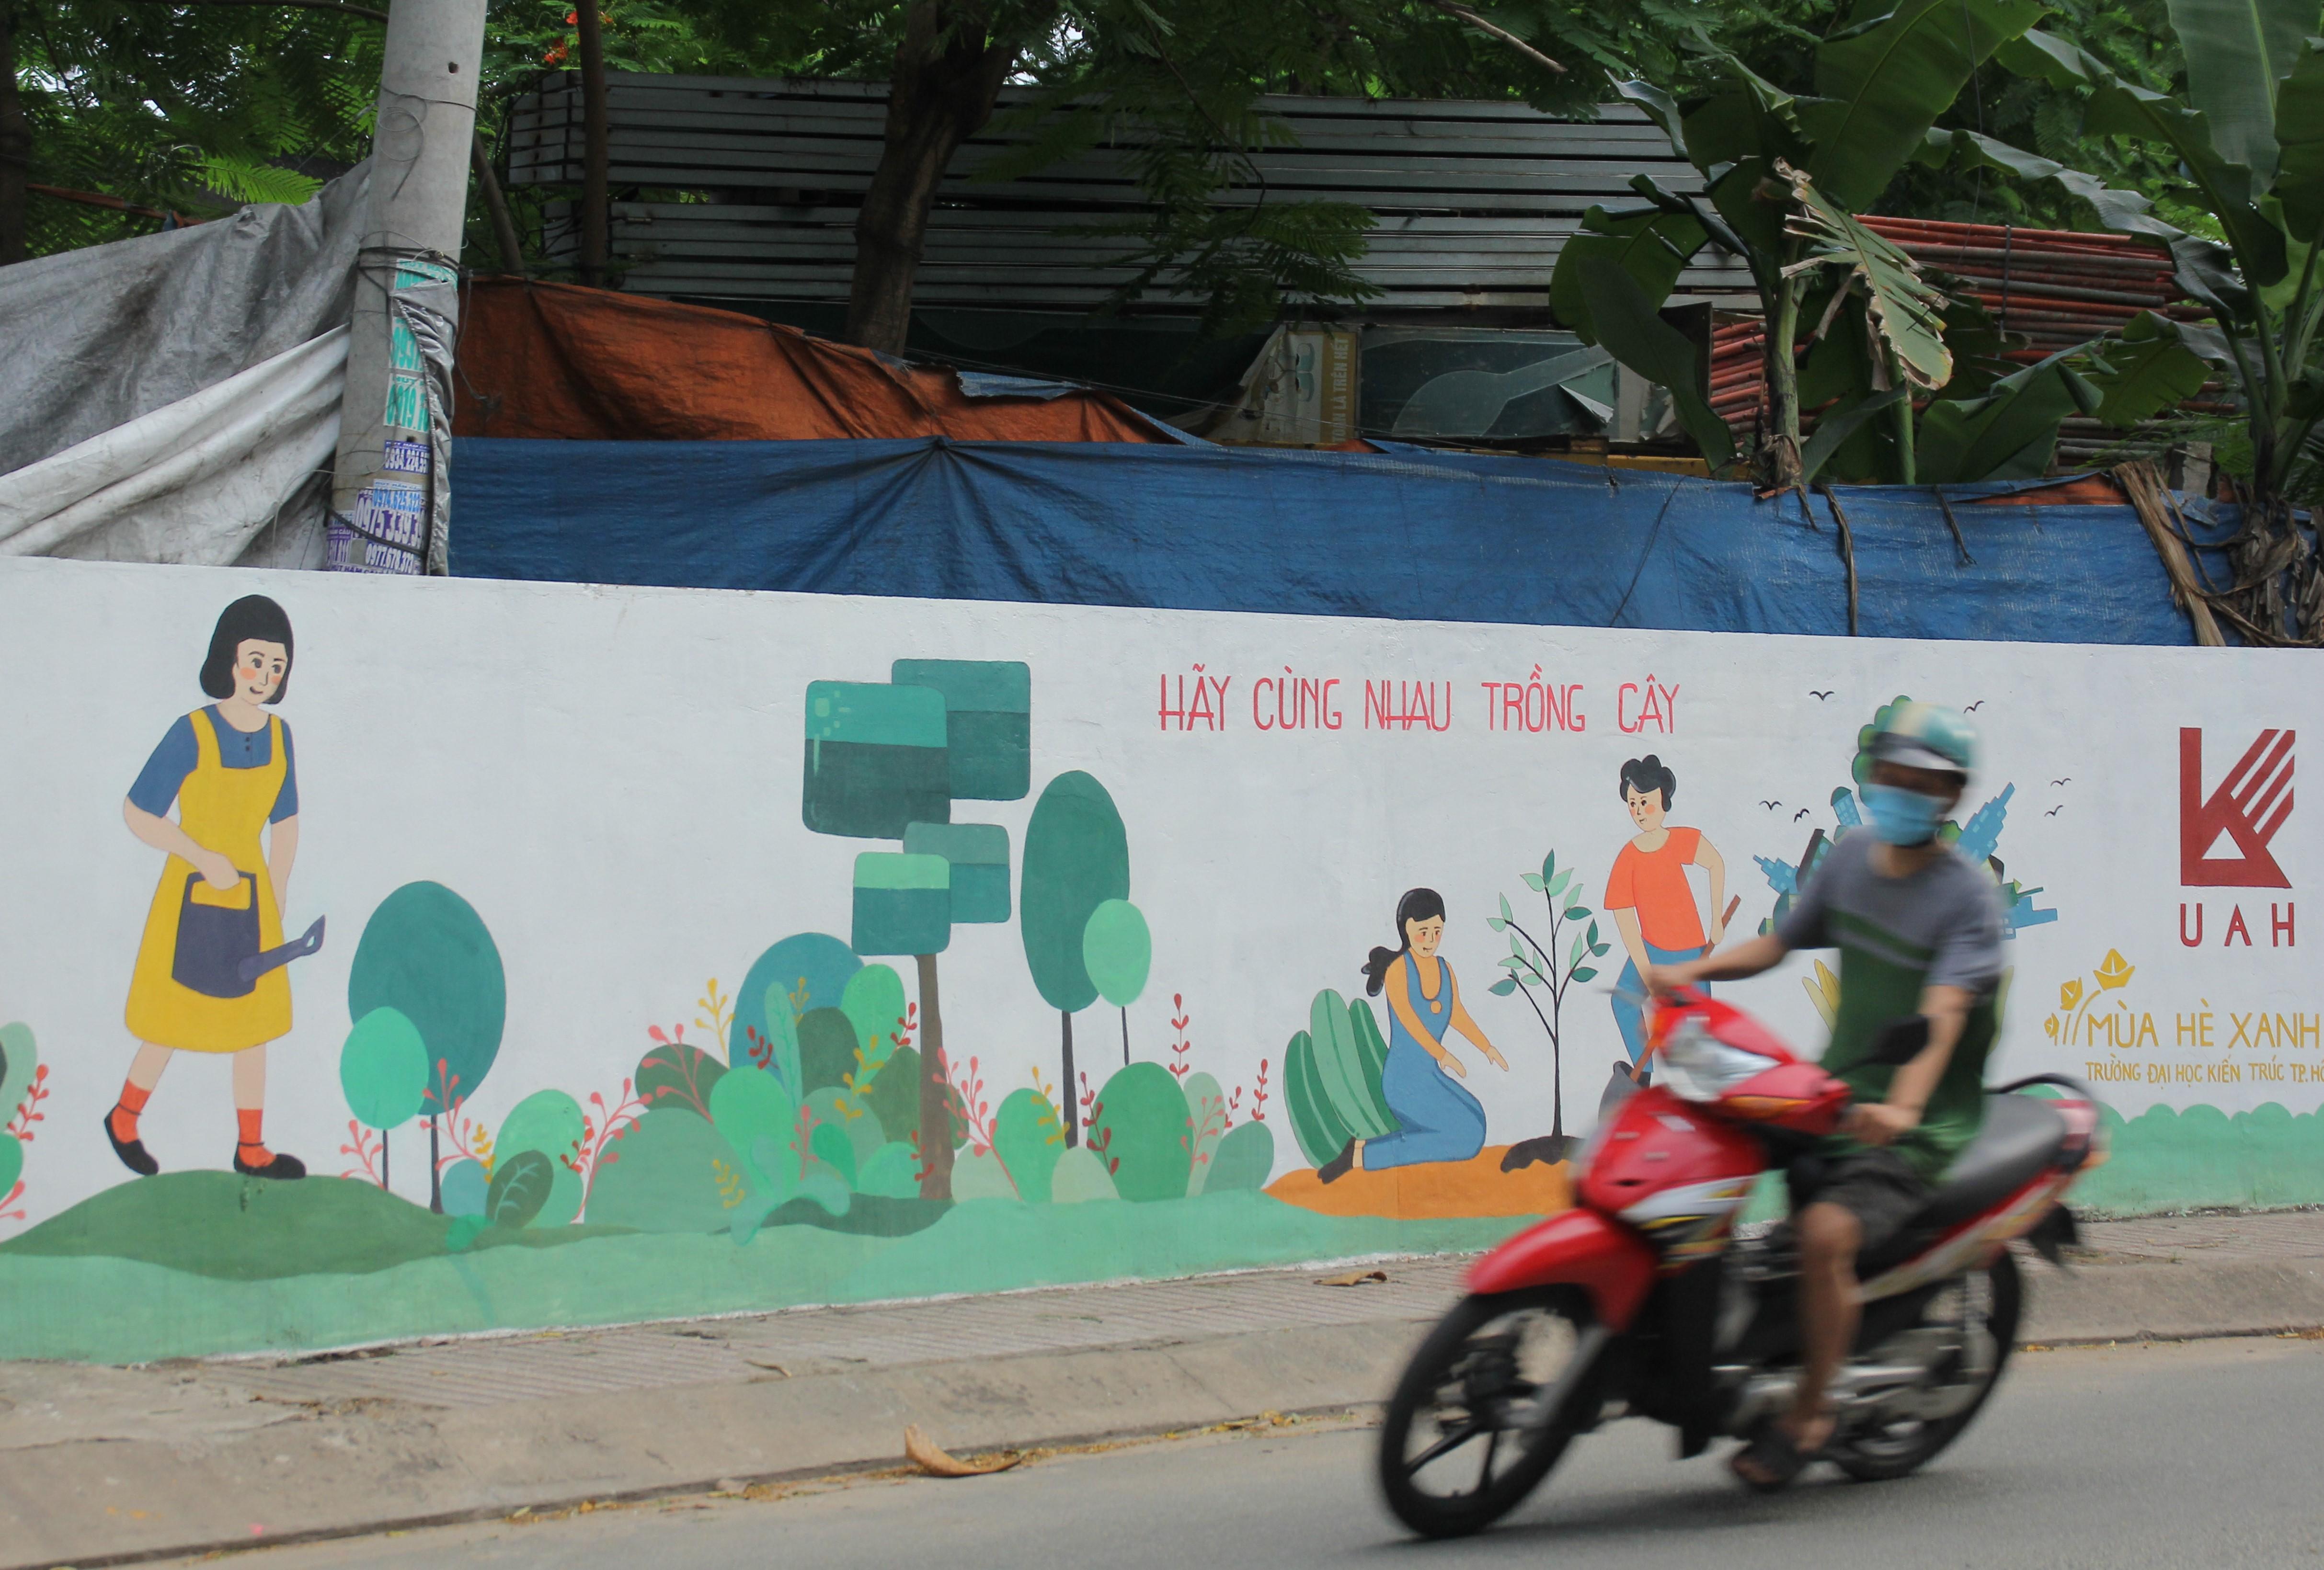 Cận cảnh những mảng tường 'biết nói' của chiến sỹ tình nguyện hè Ảnh 7